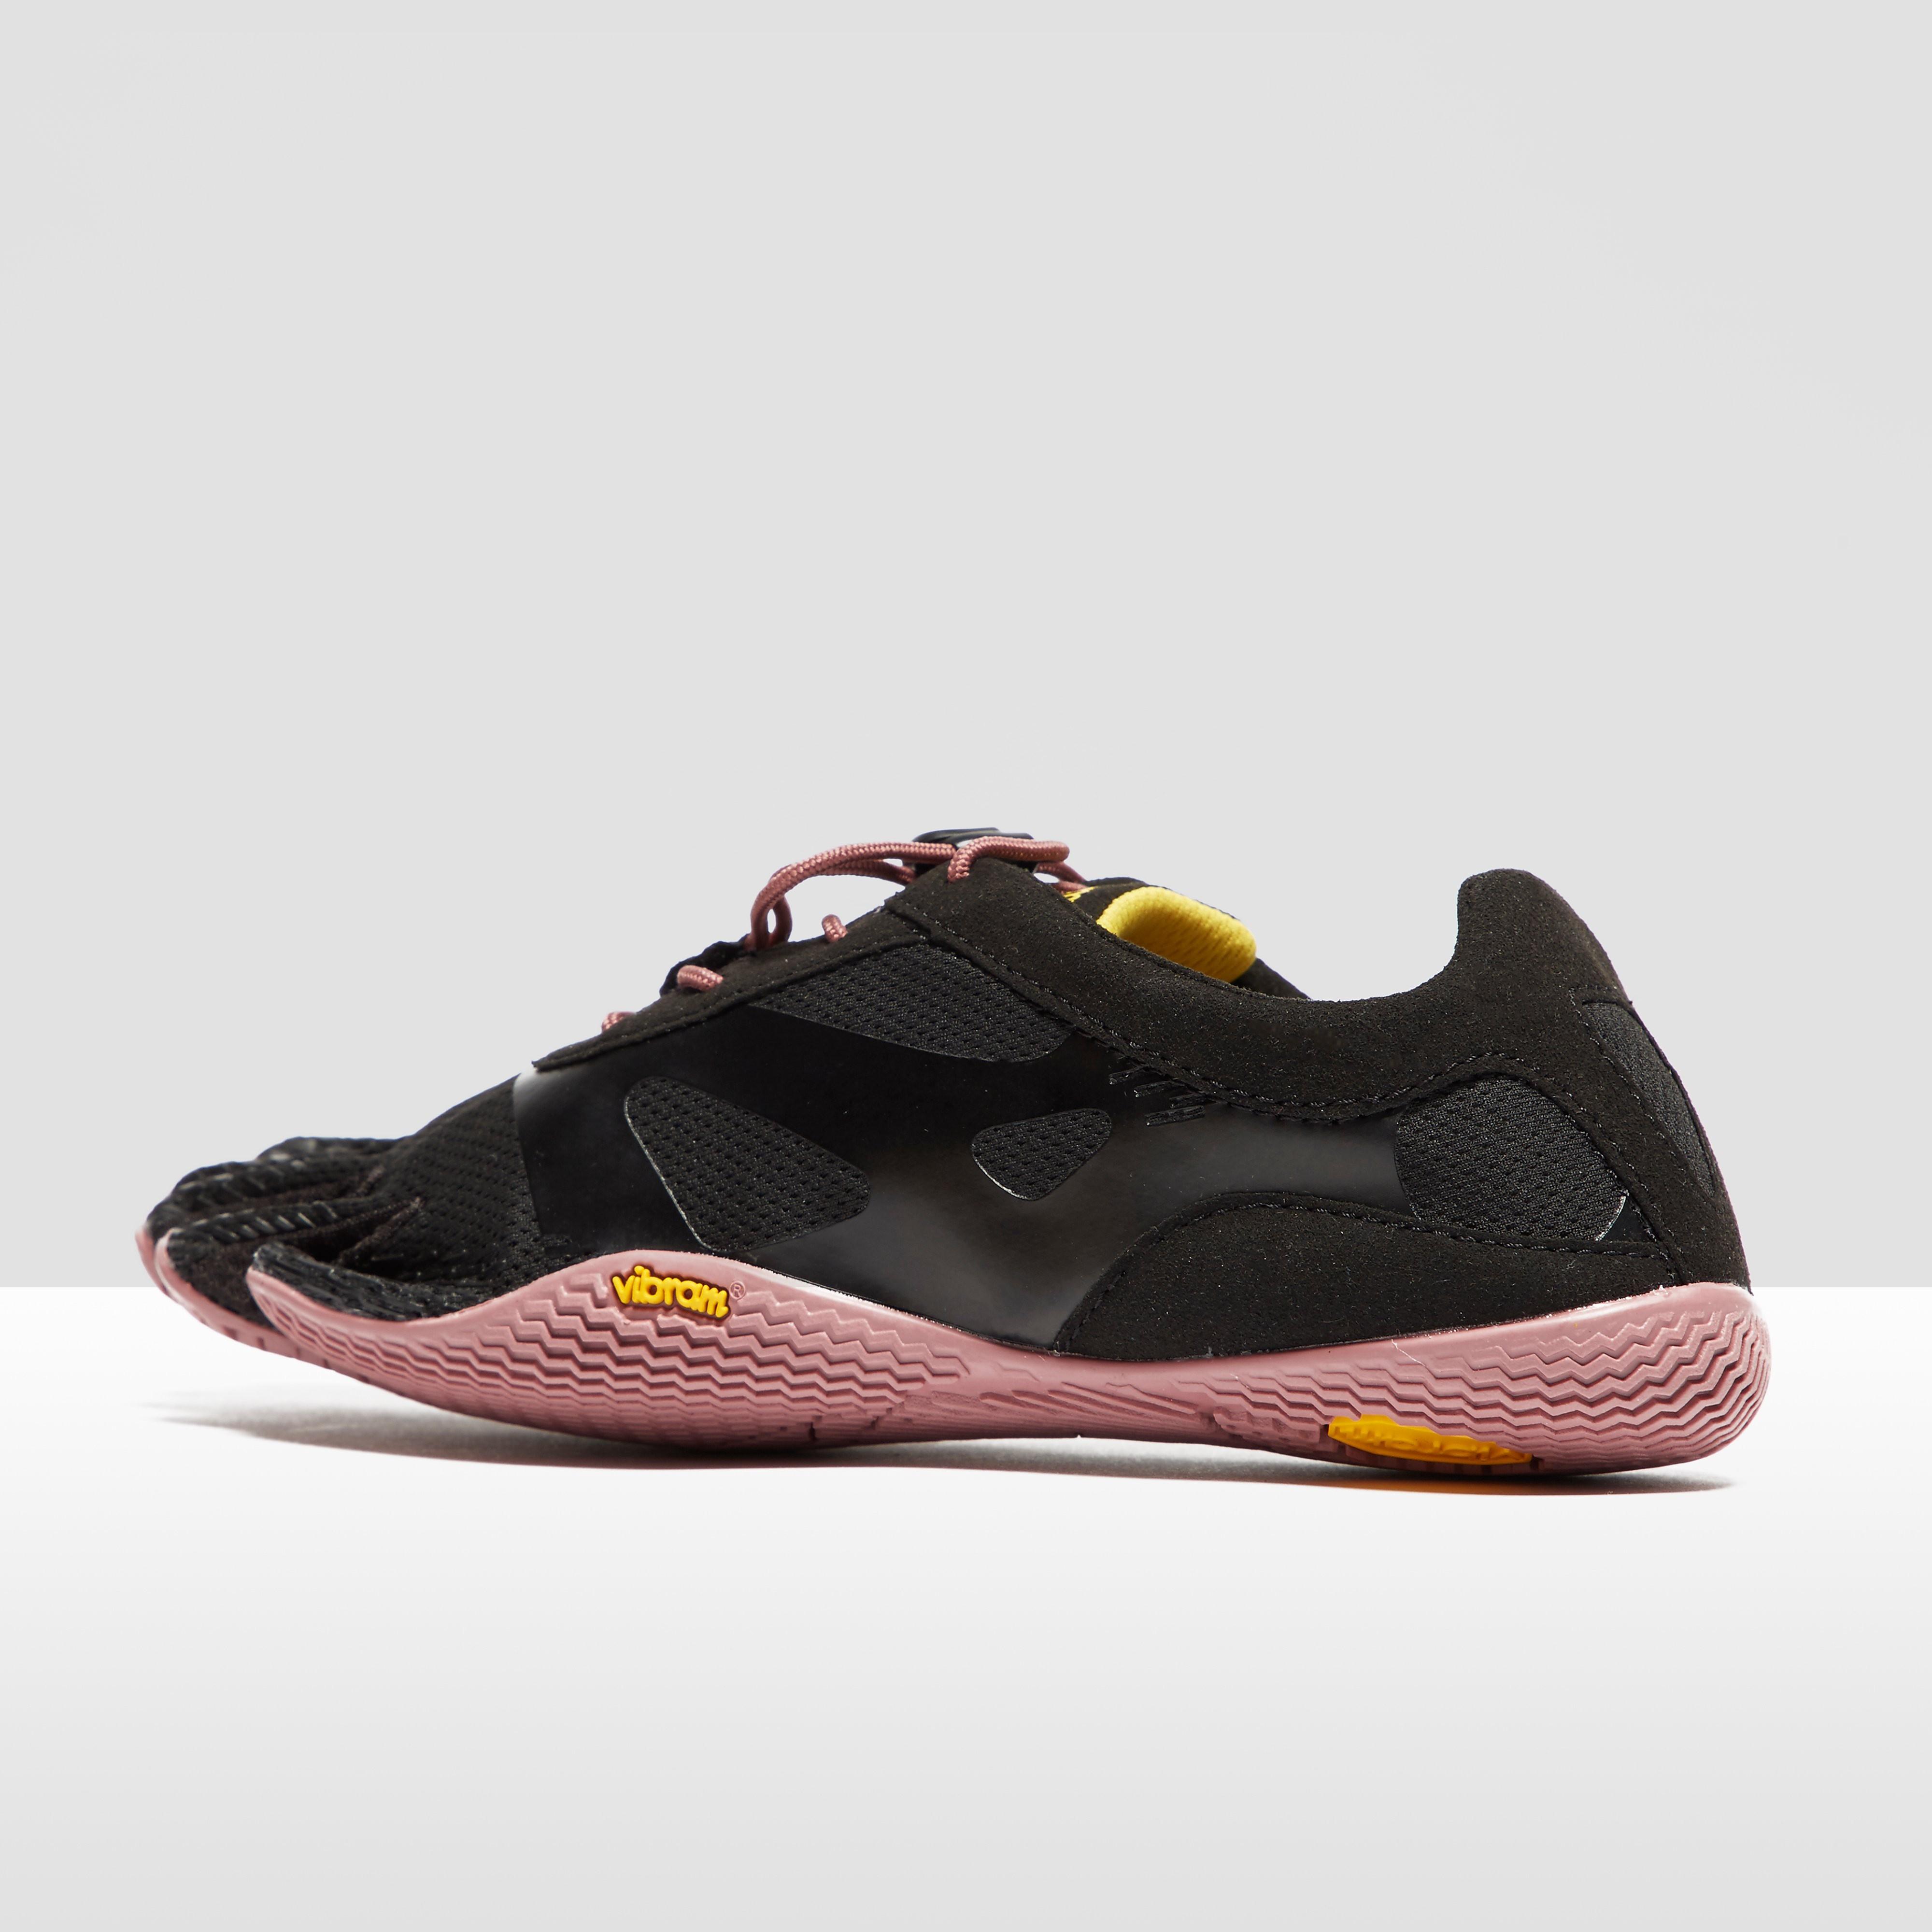 Vibram Five Fingers KSO EVO Women's Running Shoes